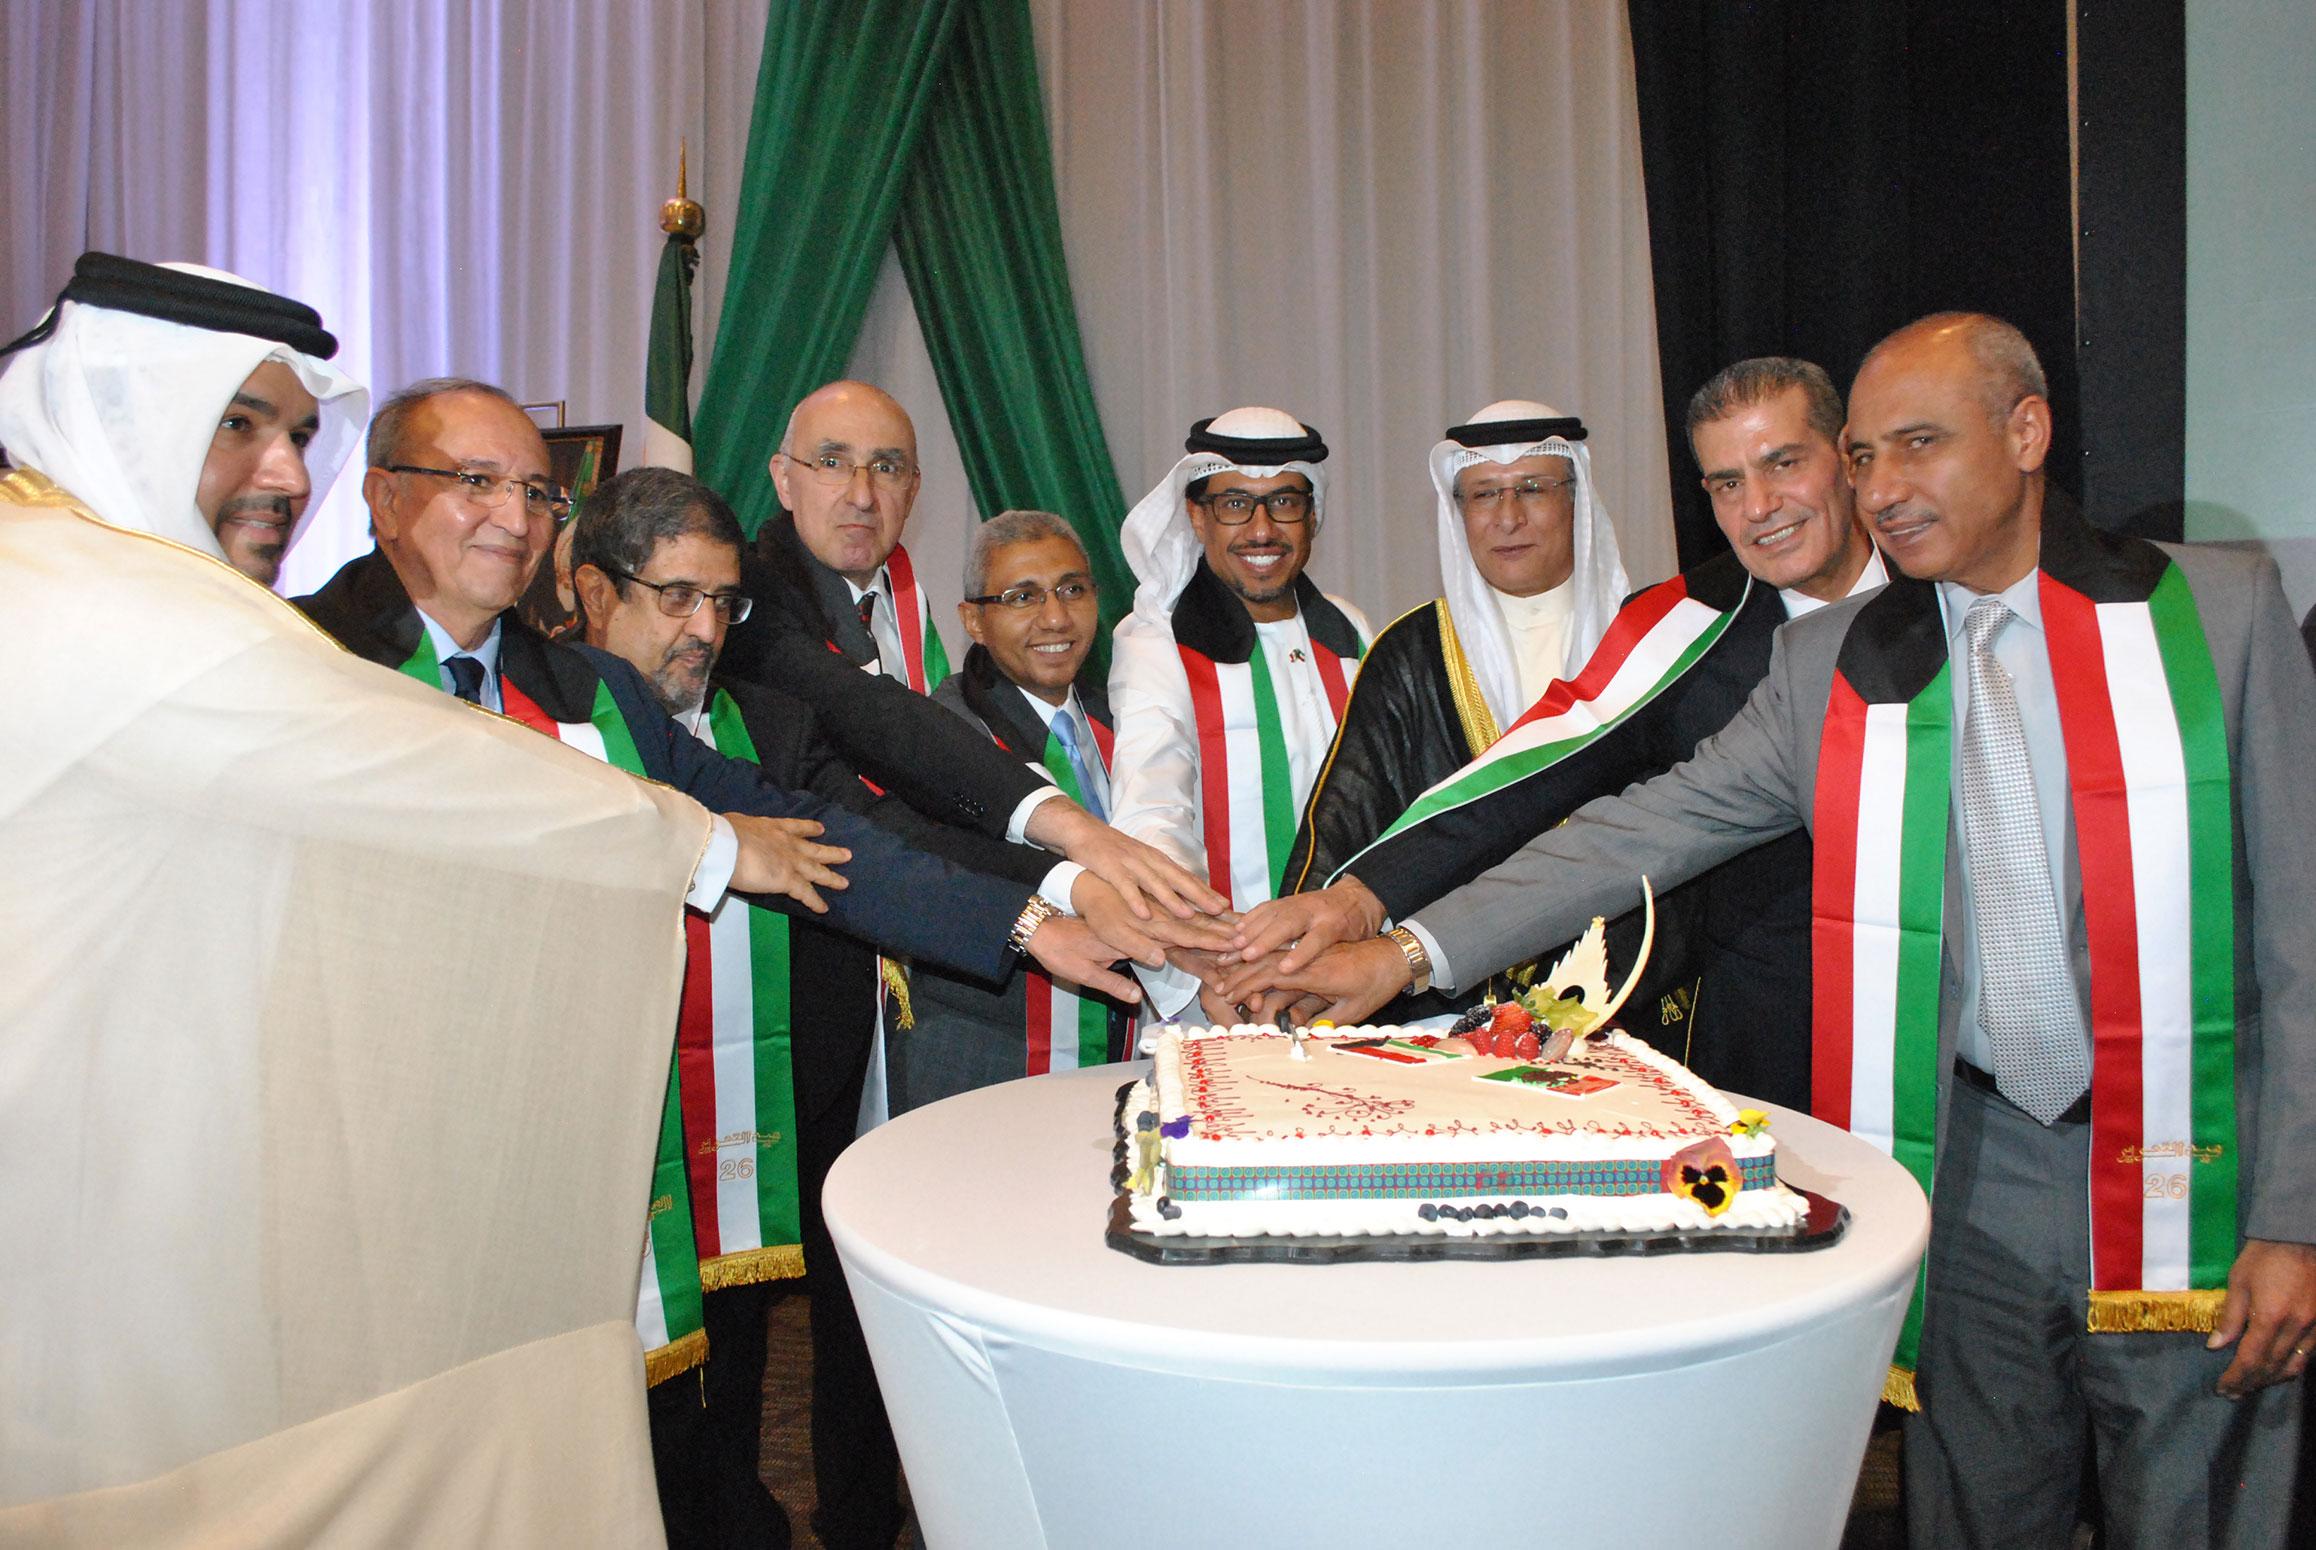 El embajador de Qatar, embajador de Armenia, embajador de Libia, embajador de Argelia, embajador de Egipto, embajador de los Emiratos Árabes Unidos, Muteb Saleh F. Almutoteh, embajador de Kuwait; embajador de Jordania y embajador de la Delegación especial de Palestina